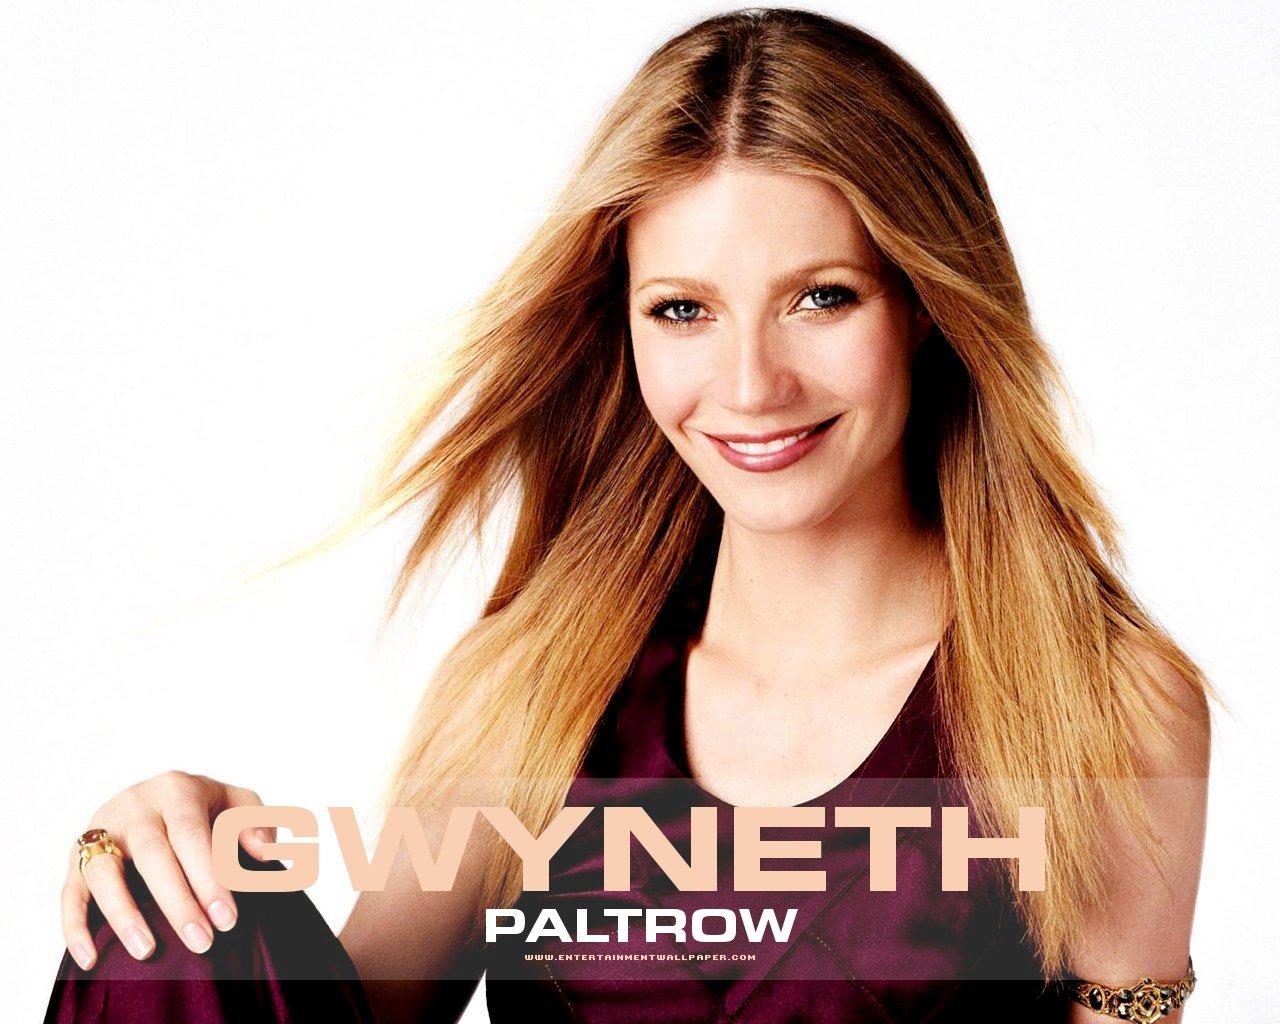 Gwyneth Paltrow Wallpaper 24   1280 X 1024 stmednet 1280x1024